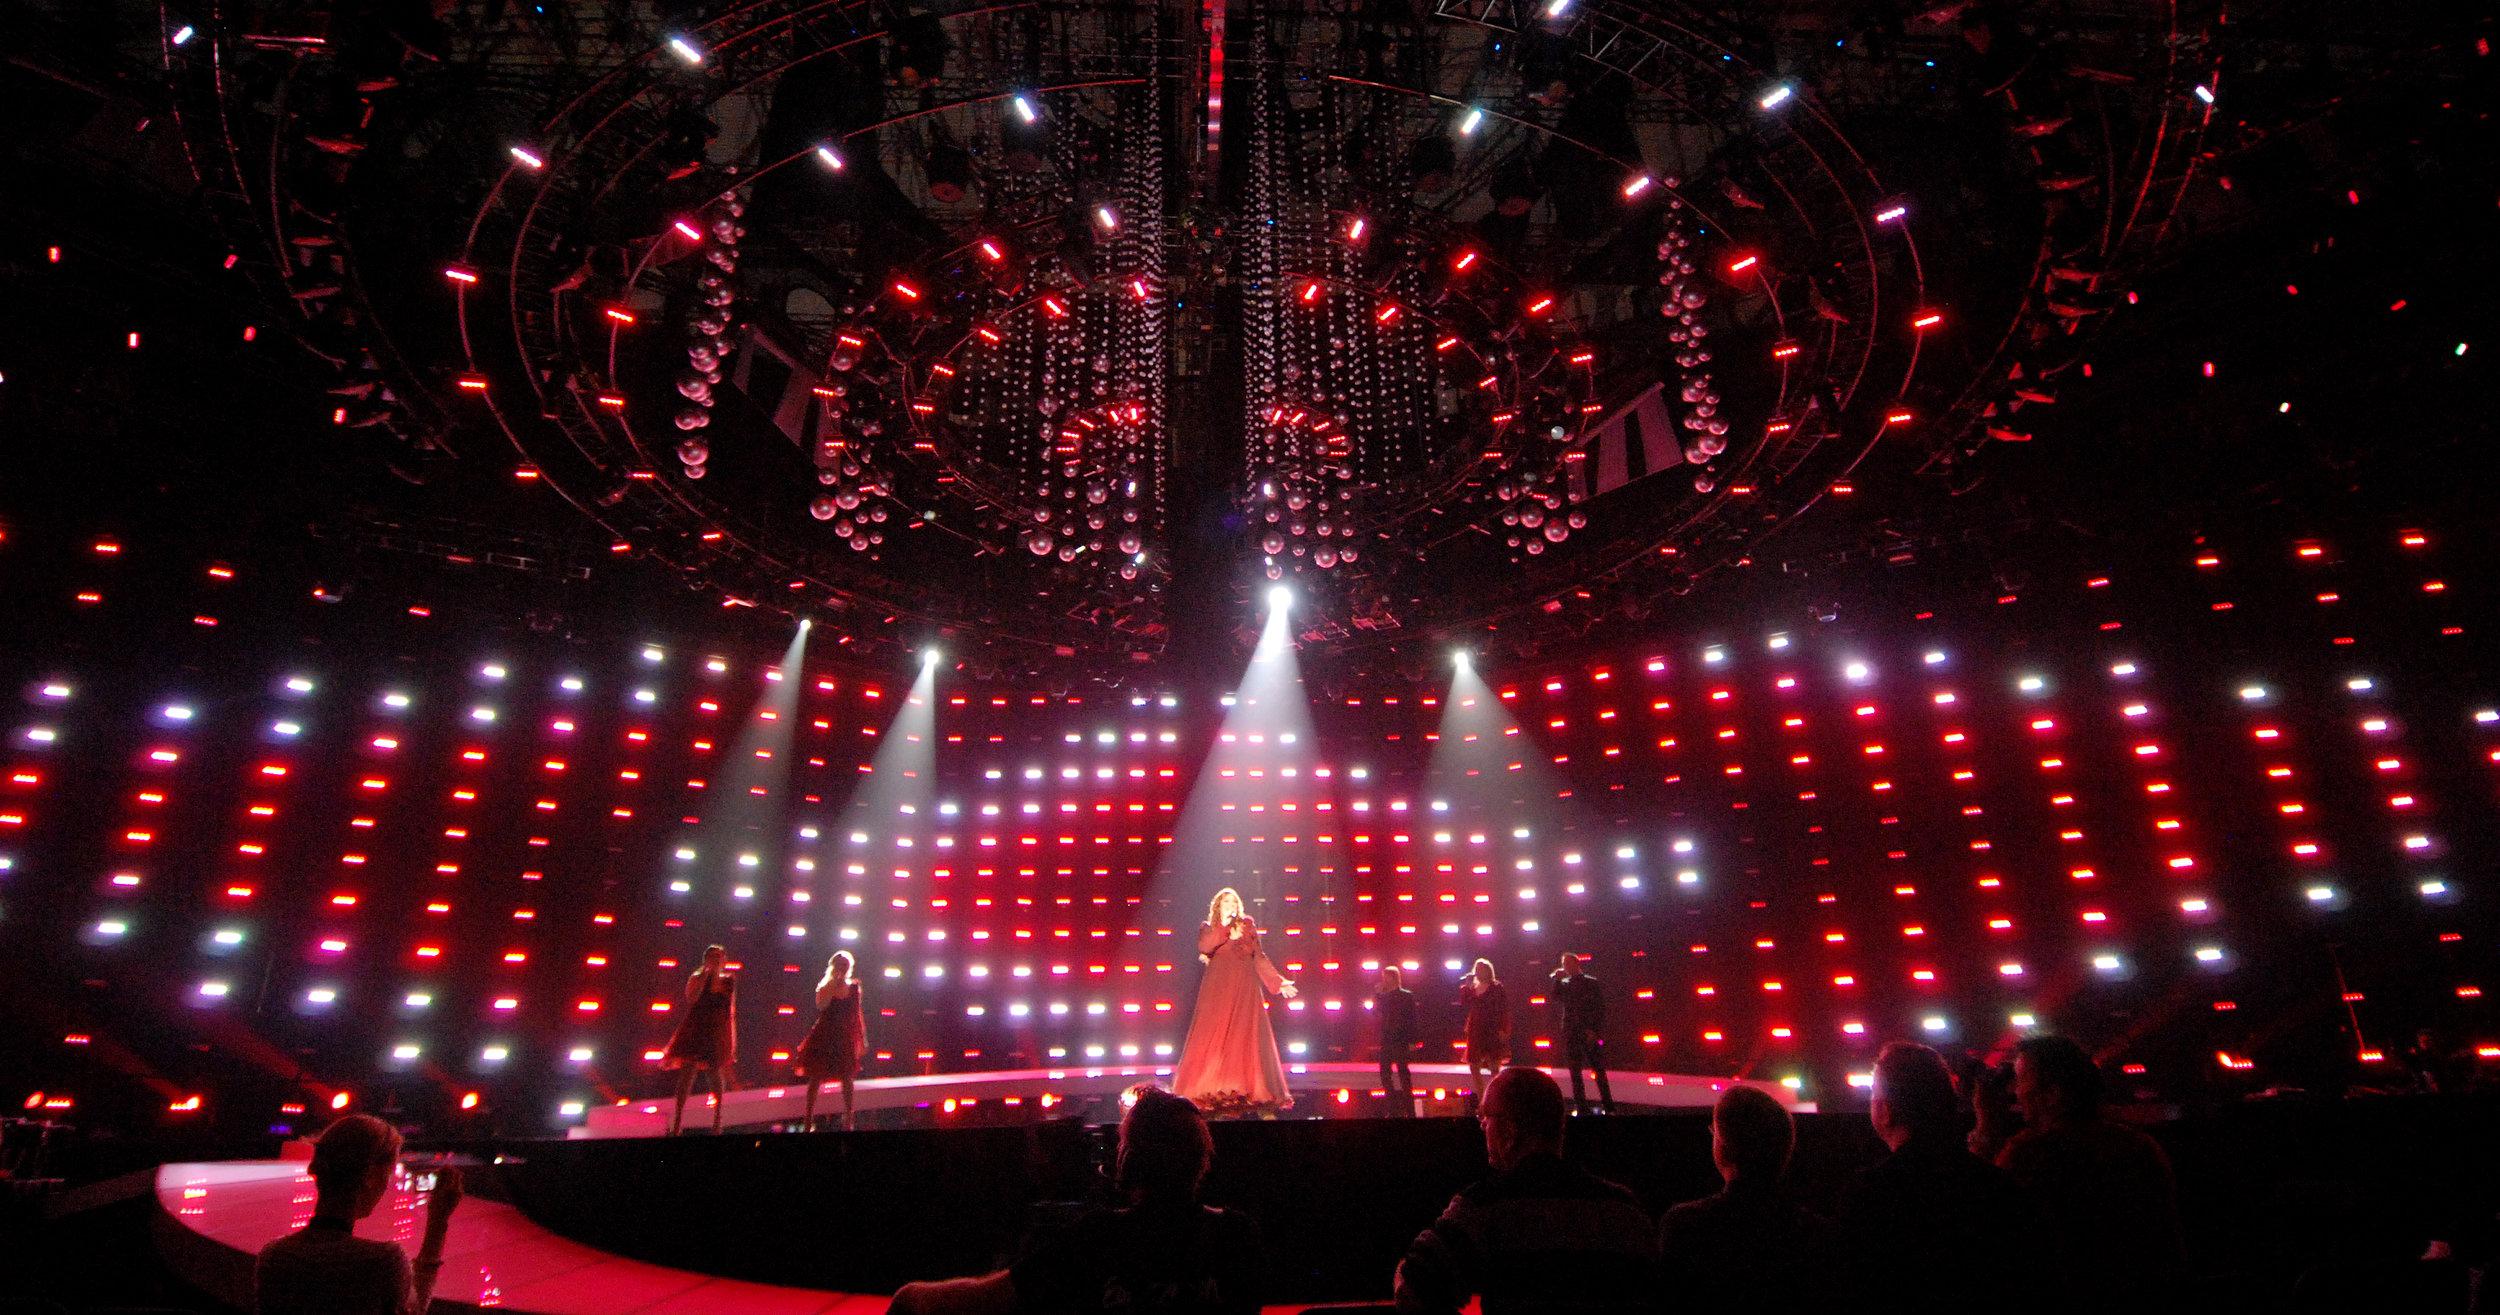 2004 kom den första LED-produkten, den modulära Color Block DB4, och användes sex år efter lanseringen som ett nyckelelement i flertalet kreativa ljussättningar. Här på 2010 års Eurovision Song Contest i Oslo.